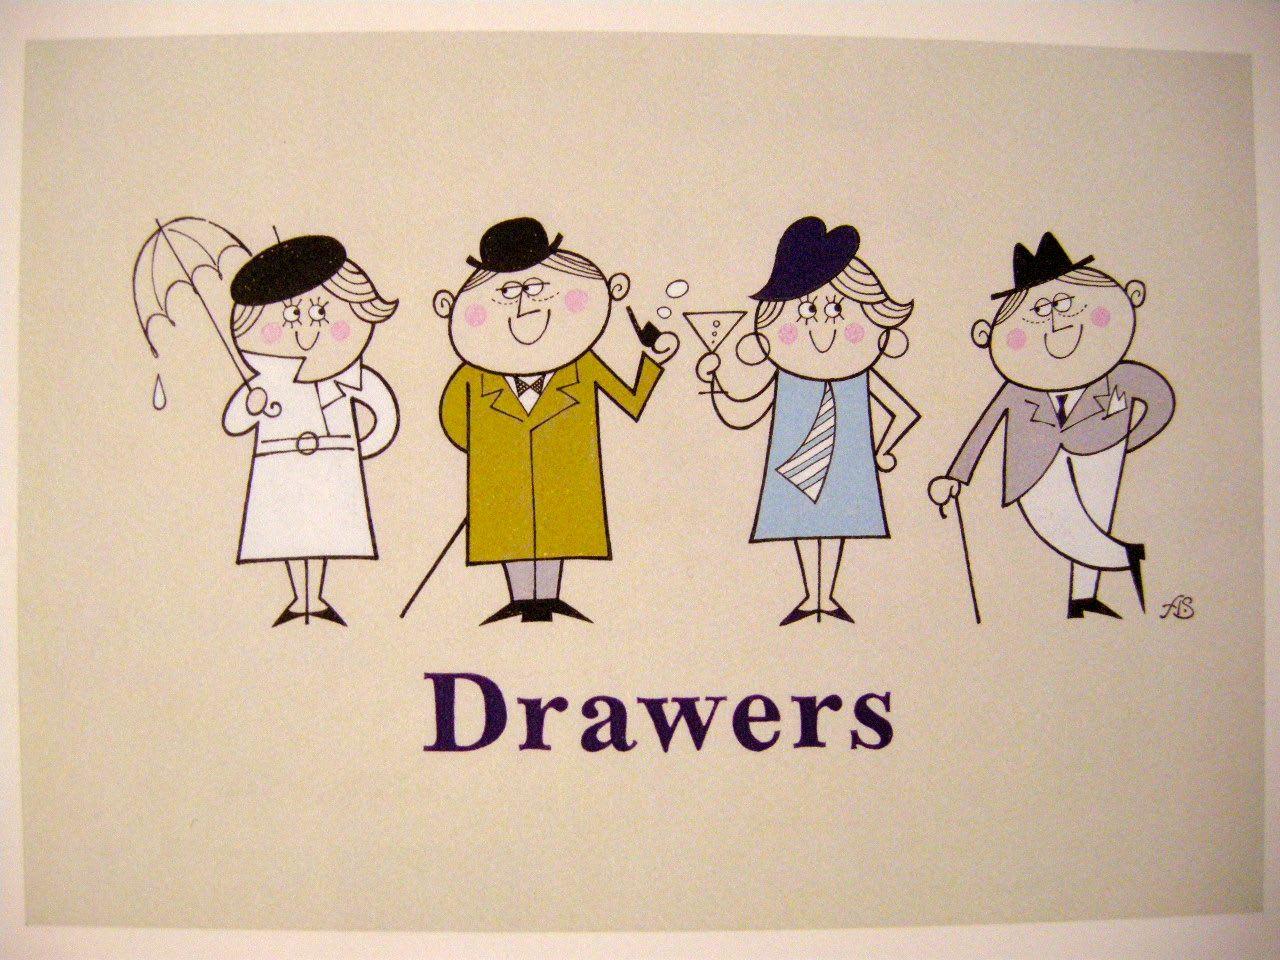 イラストレーターで有名なソリマチアキラさんの個展. Drawersに行ってきました。